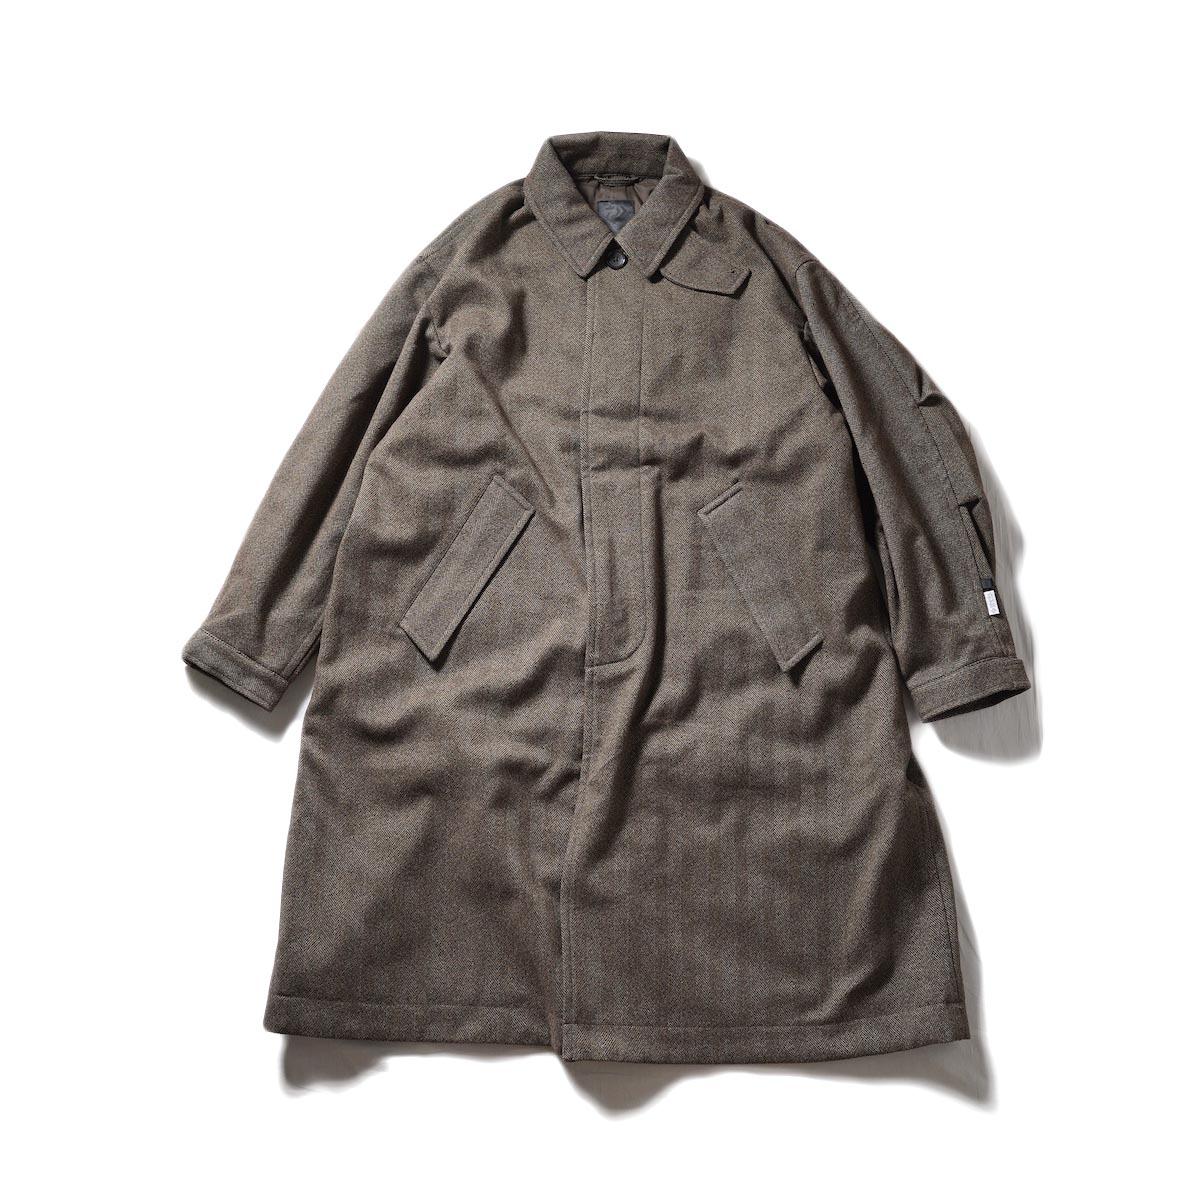 DAIWA PIER39 / GORE-TEX INFINIUM TECH TWEEDSOUTIEN COLLAR COAT (Beige)